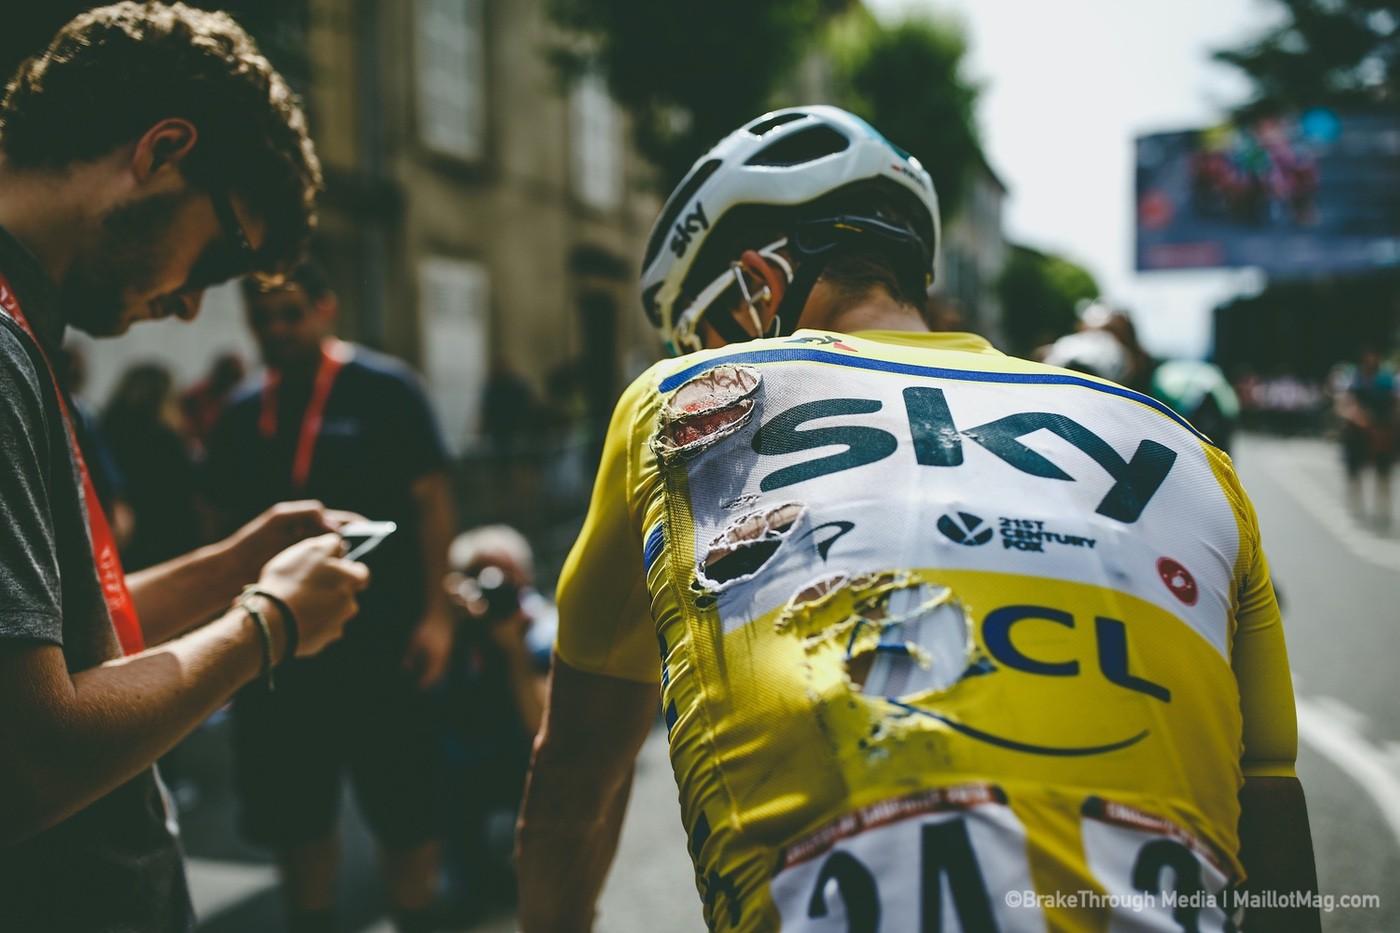 Michal Kwiatkowski en la llegada de una etapa de Critérium del Dauphiné tras una caída